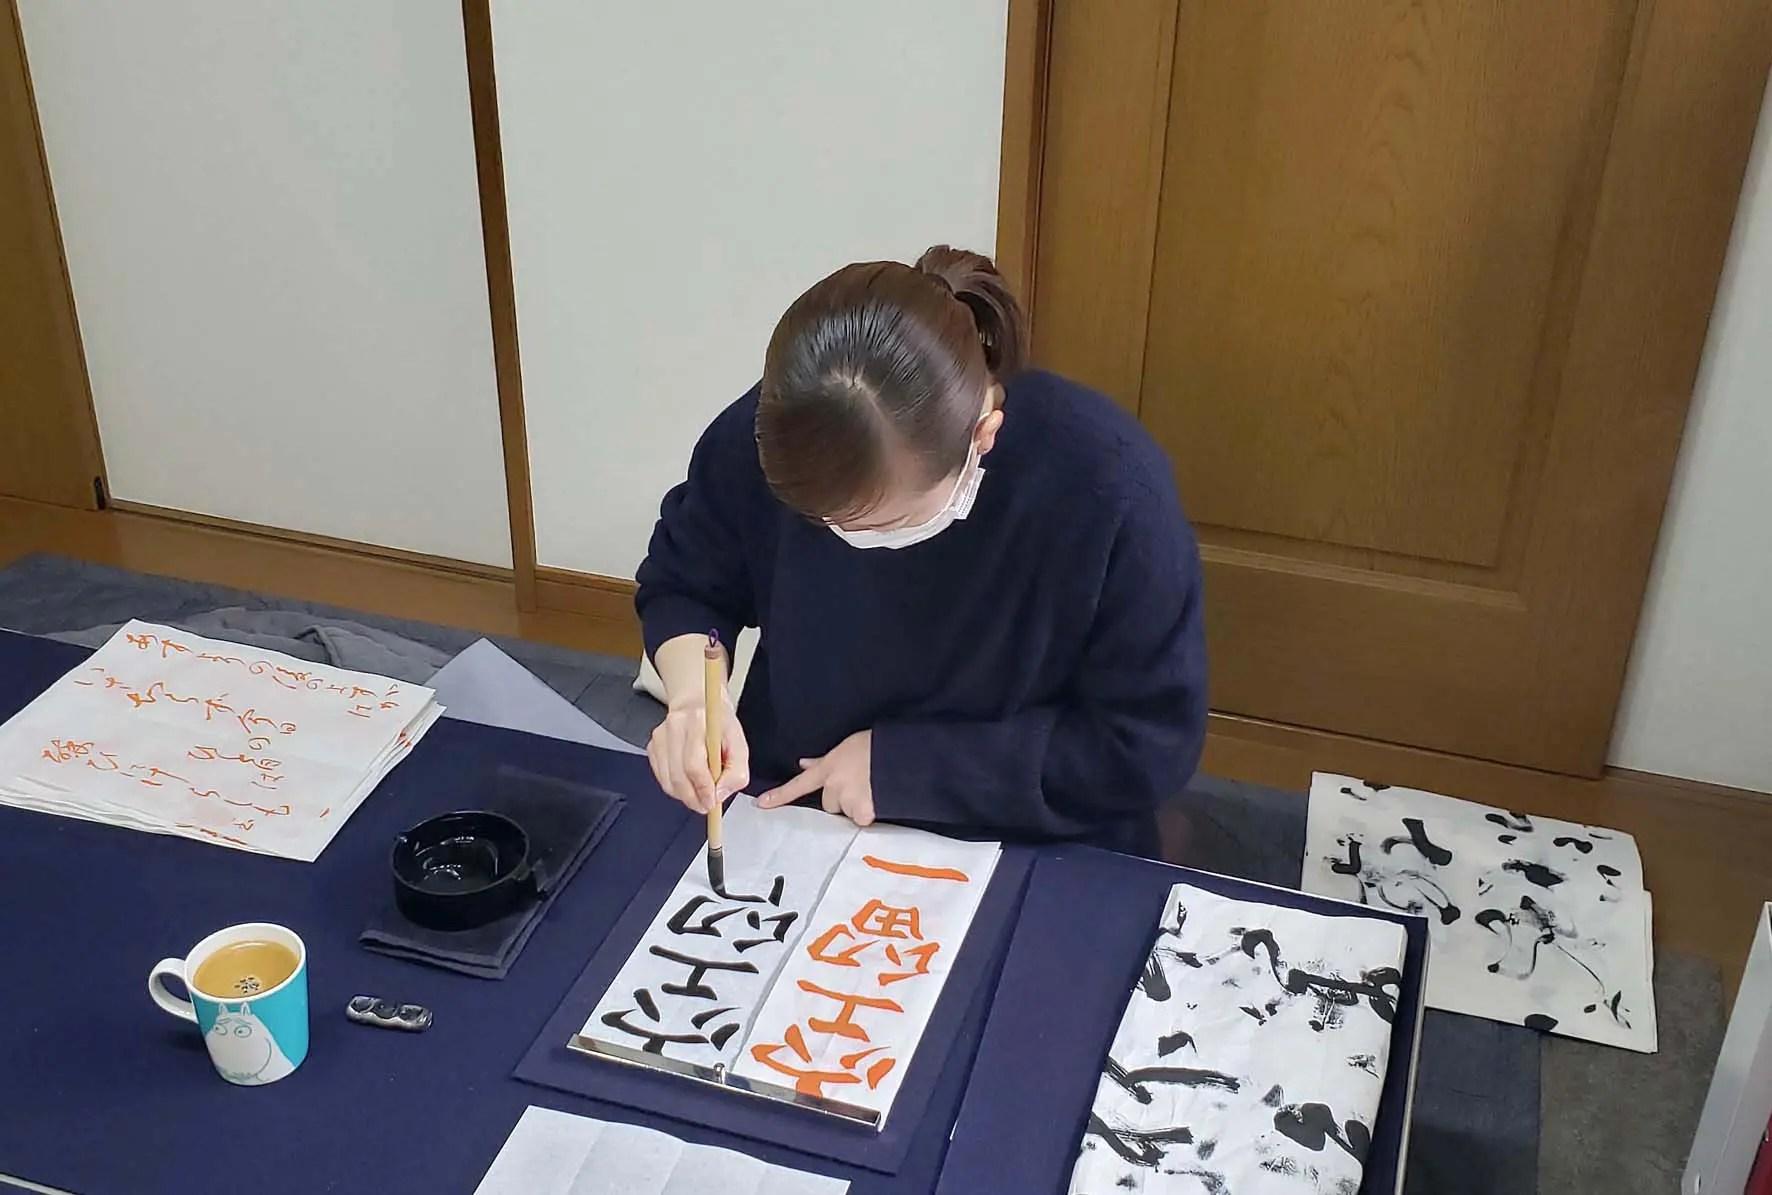 2020年3月初旬の書道教室/鎌倉市長谷の書道教室